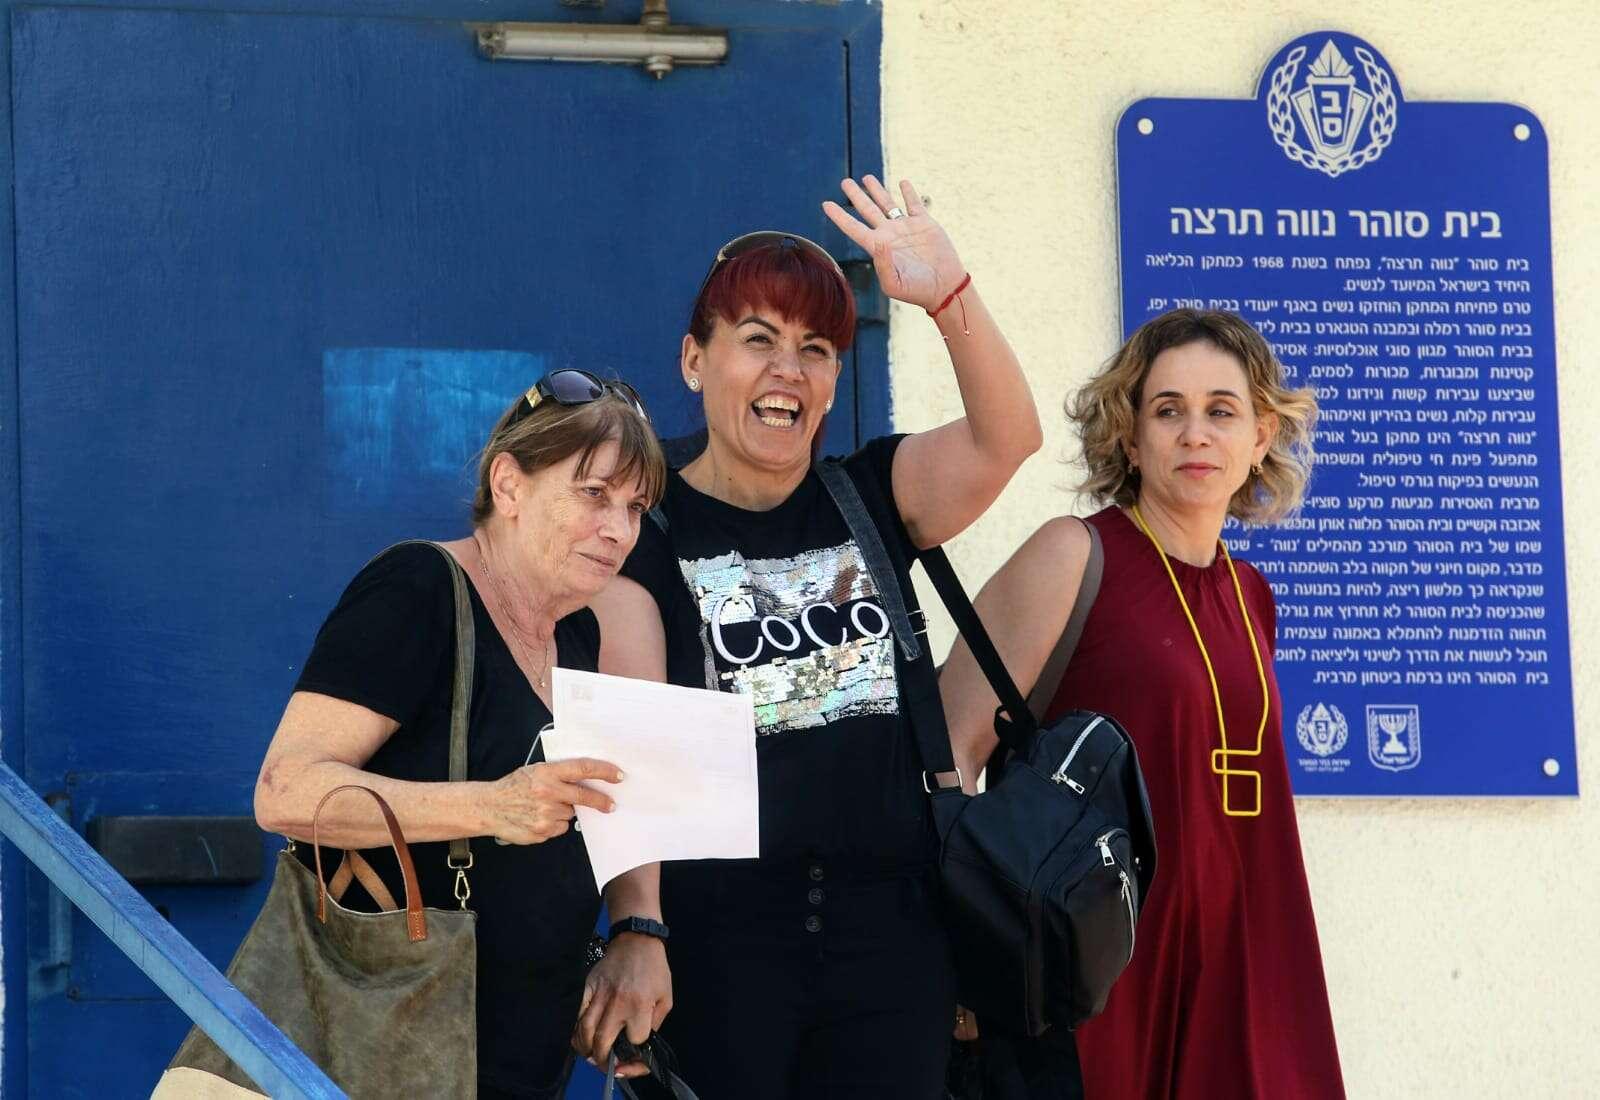 אחרי 18 שנה: דלאל דאוד השתחררה מהכלא